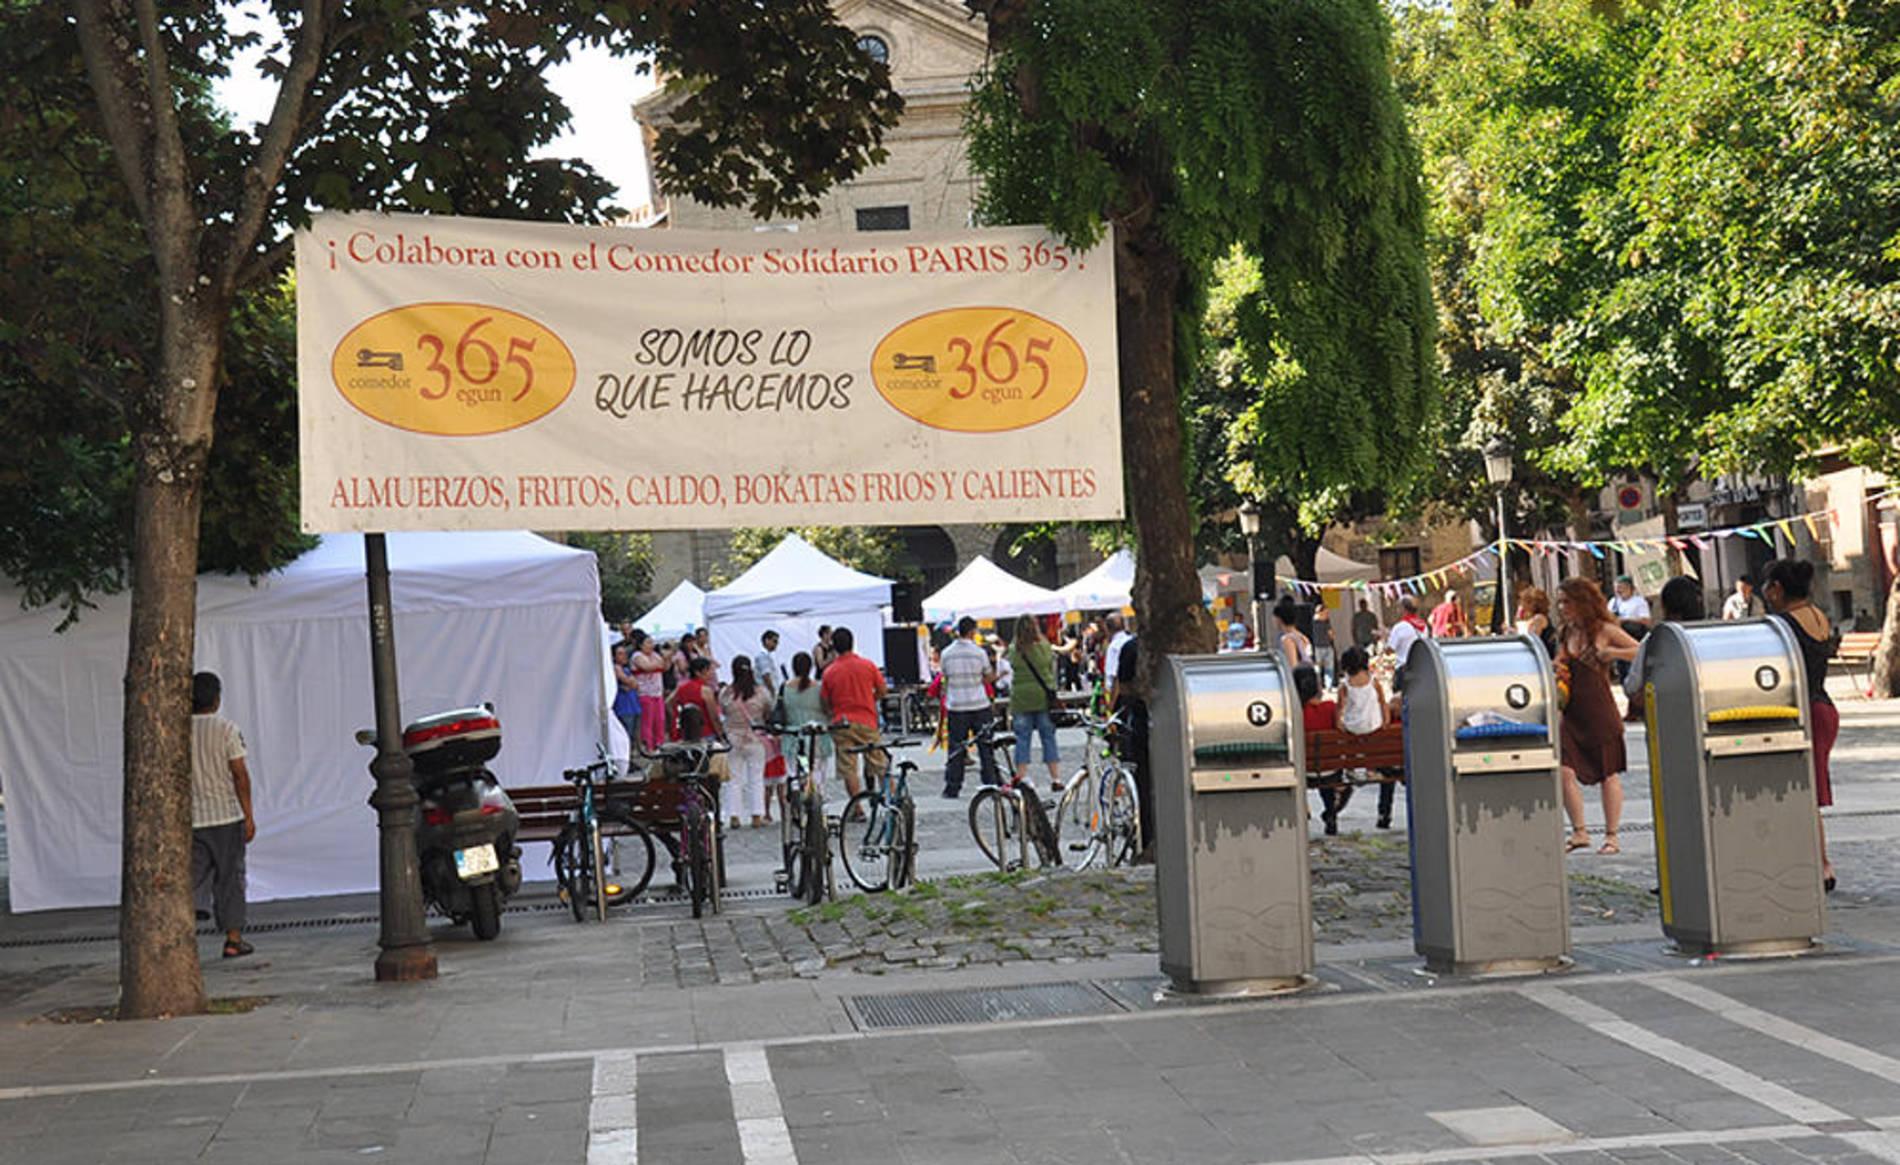 Galer a fiesta solidaria par s 365 diario de navarra - Comedor solidario paris 365 ...